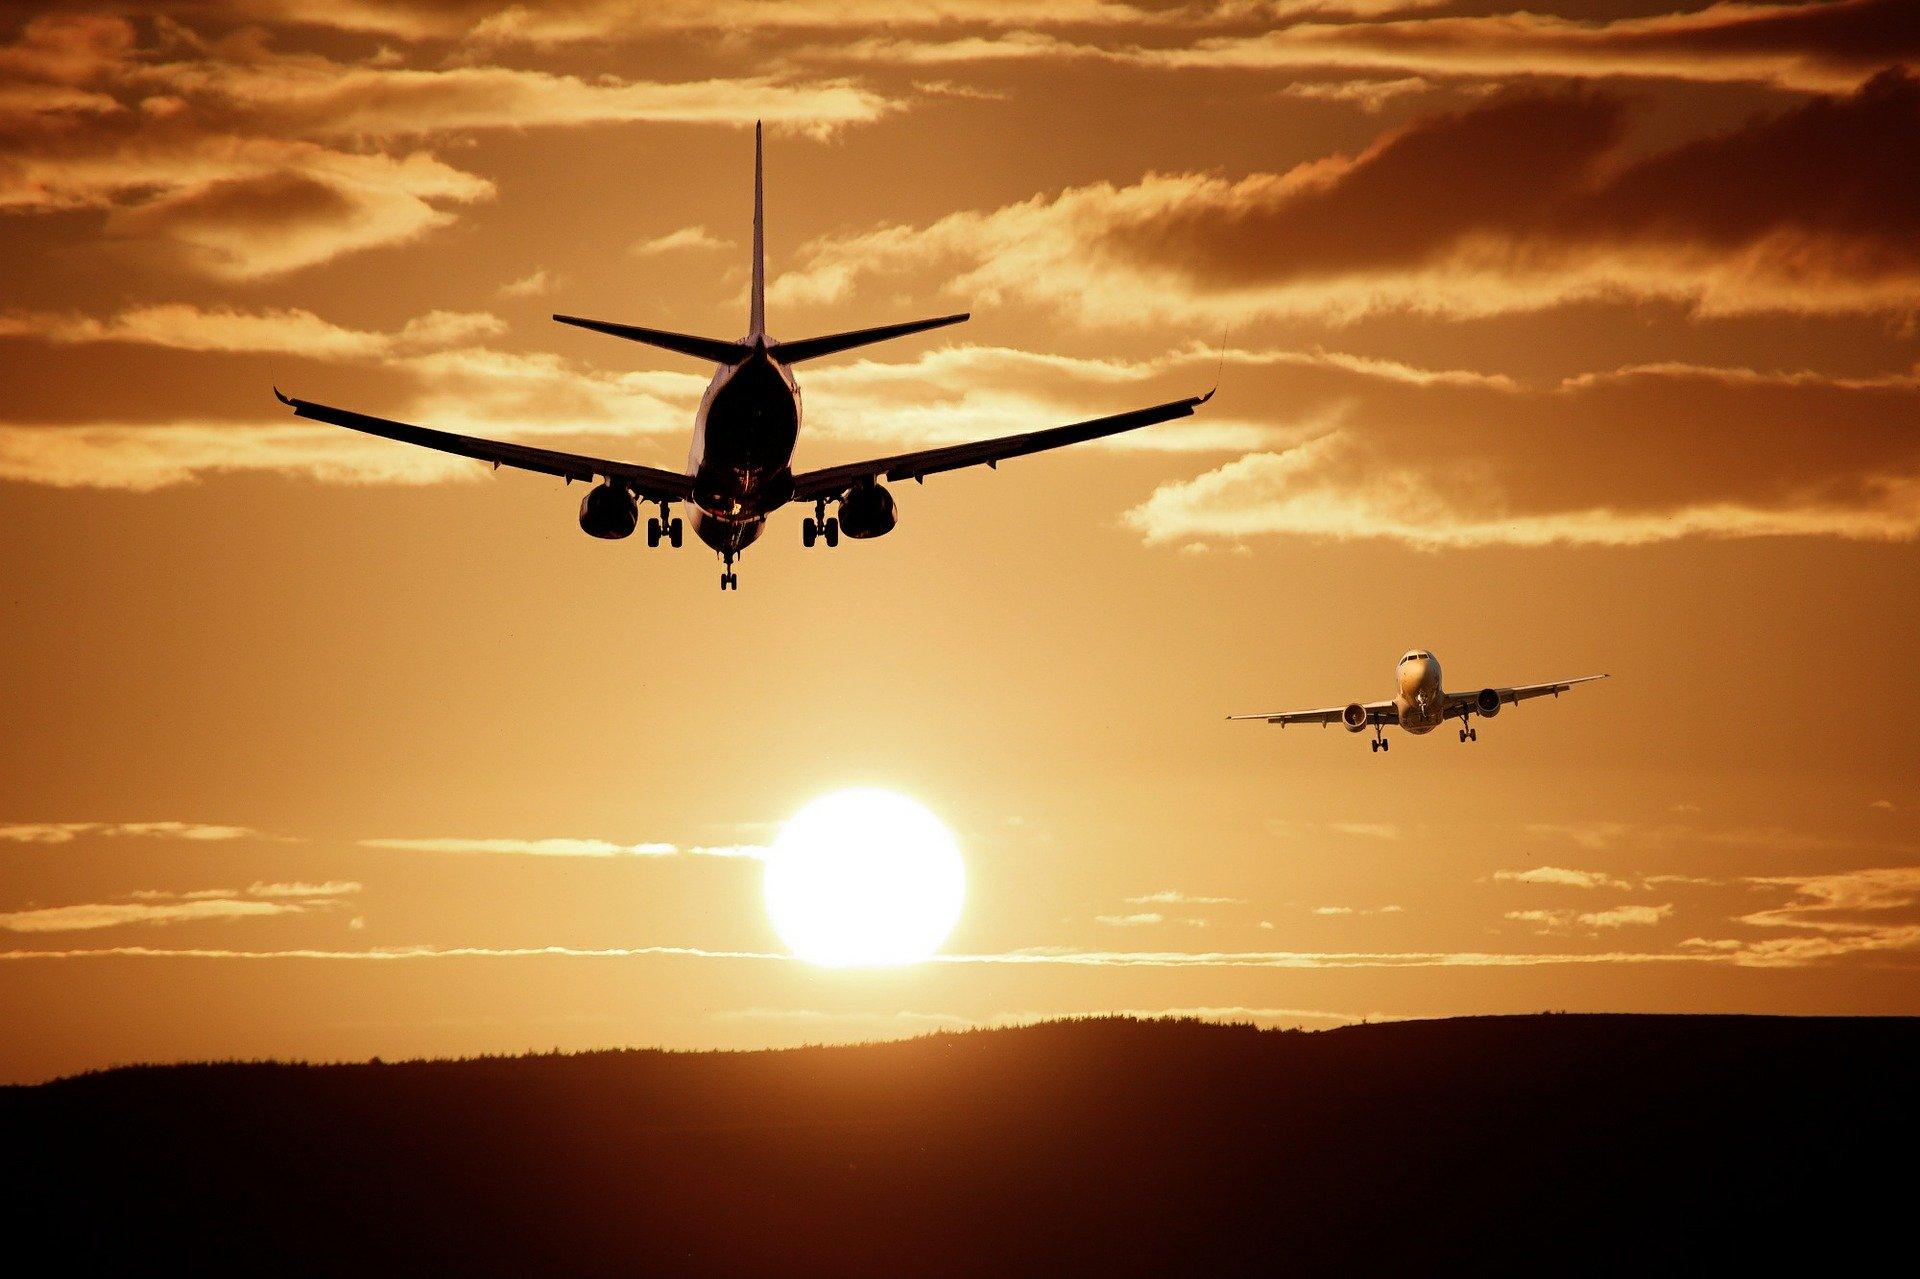 азарт взлетающий самолет фото красивые картинки разве можно